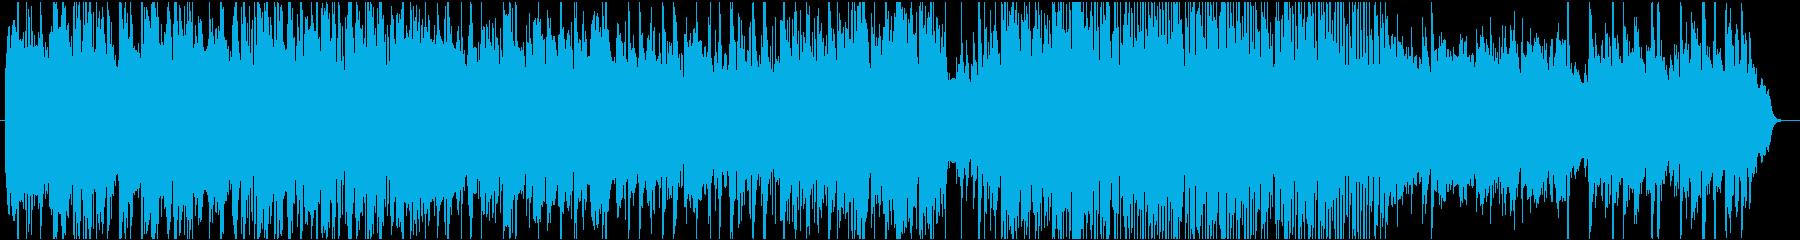 叙情的で牧歌的なクラシックBGMの再生済みの波形